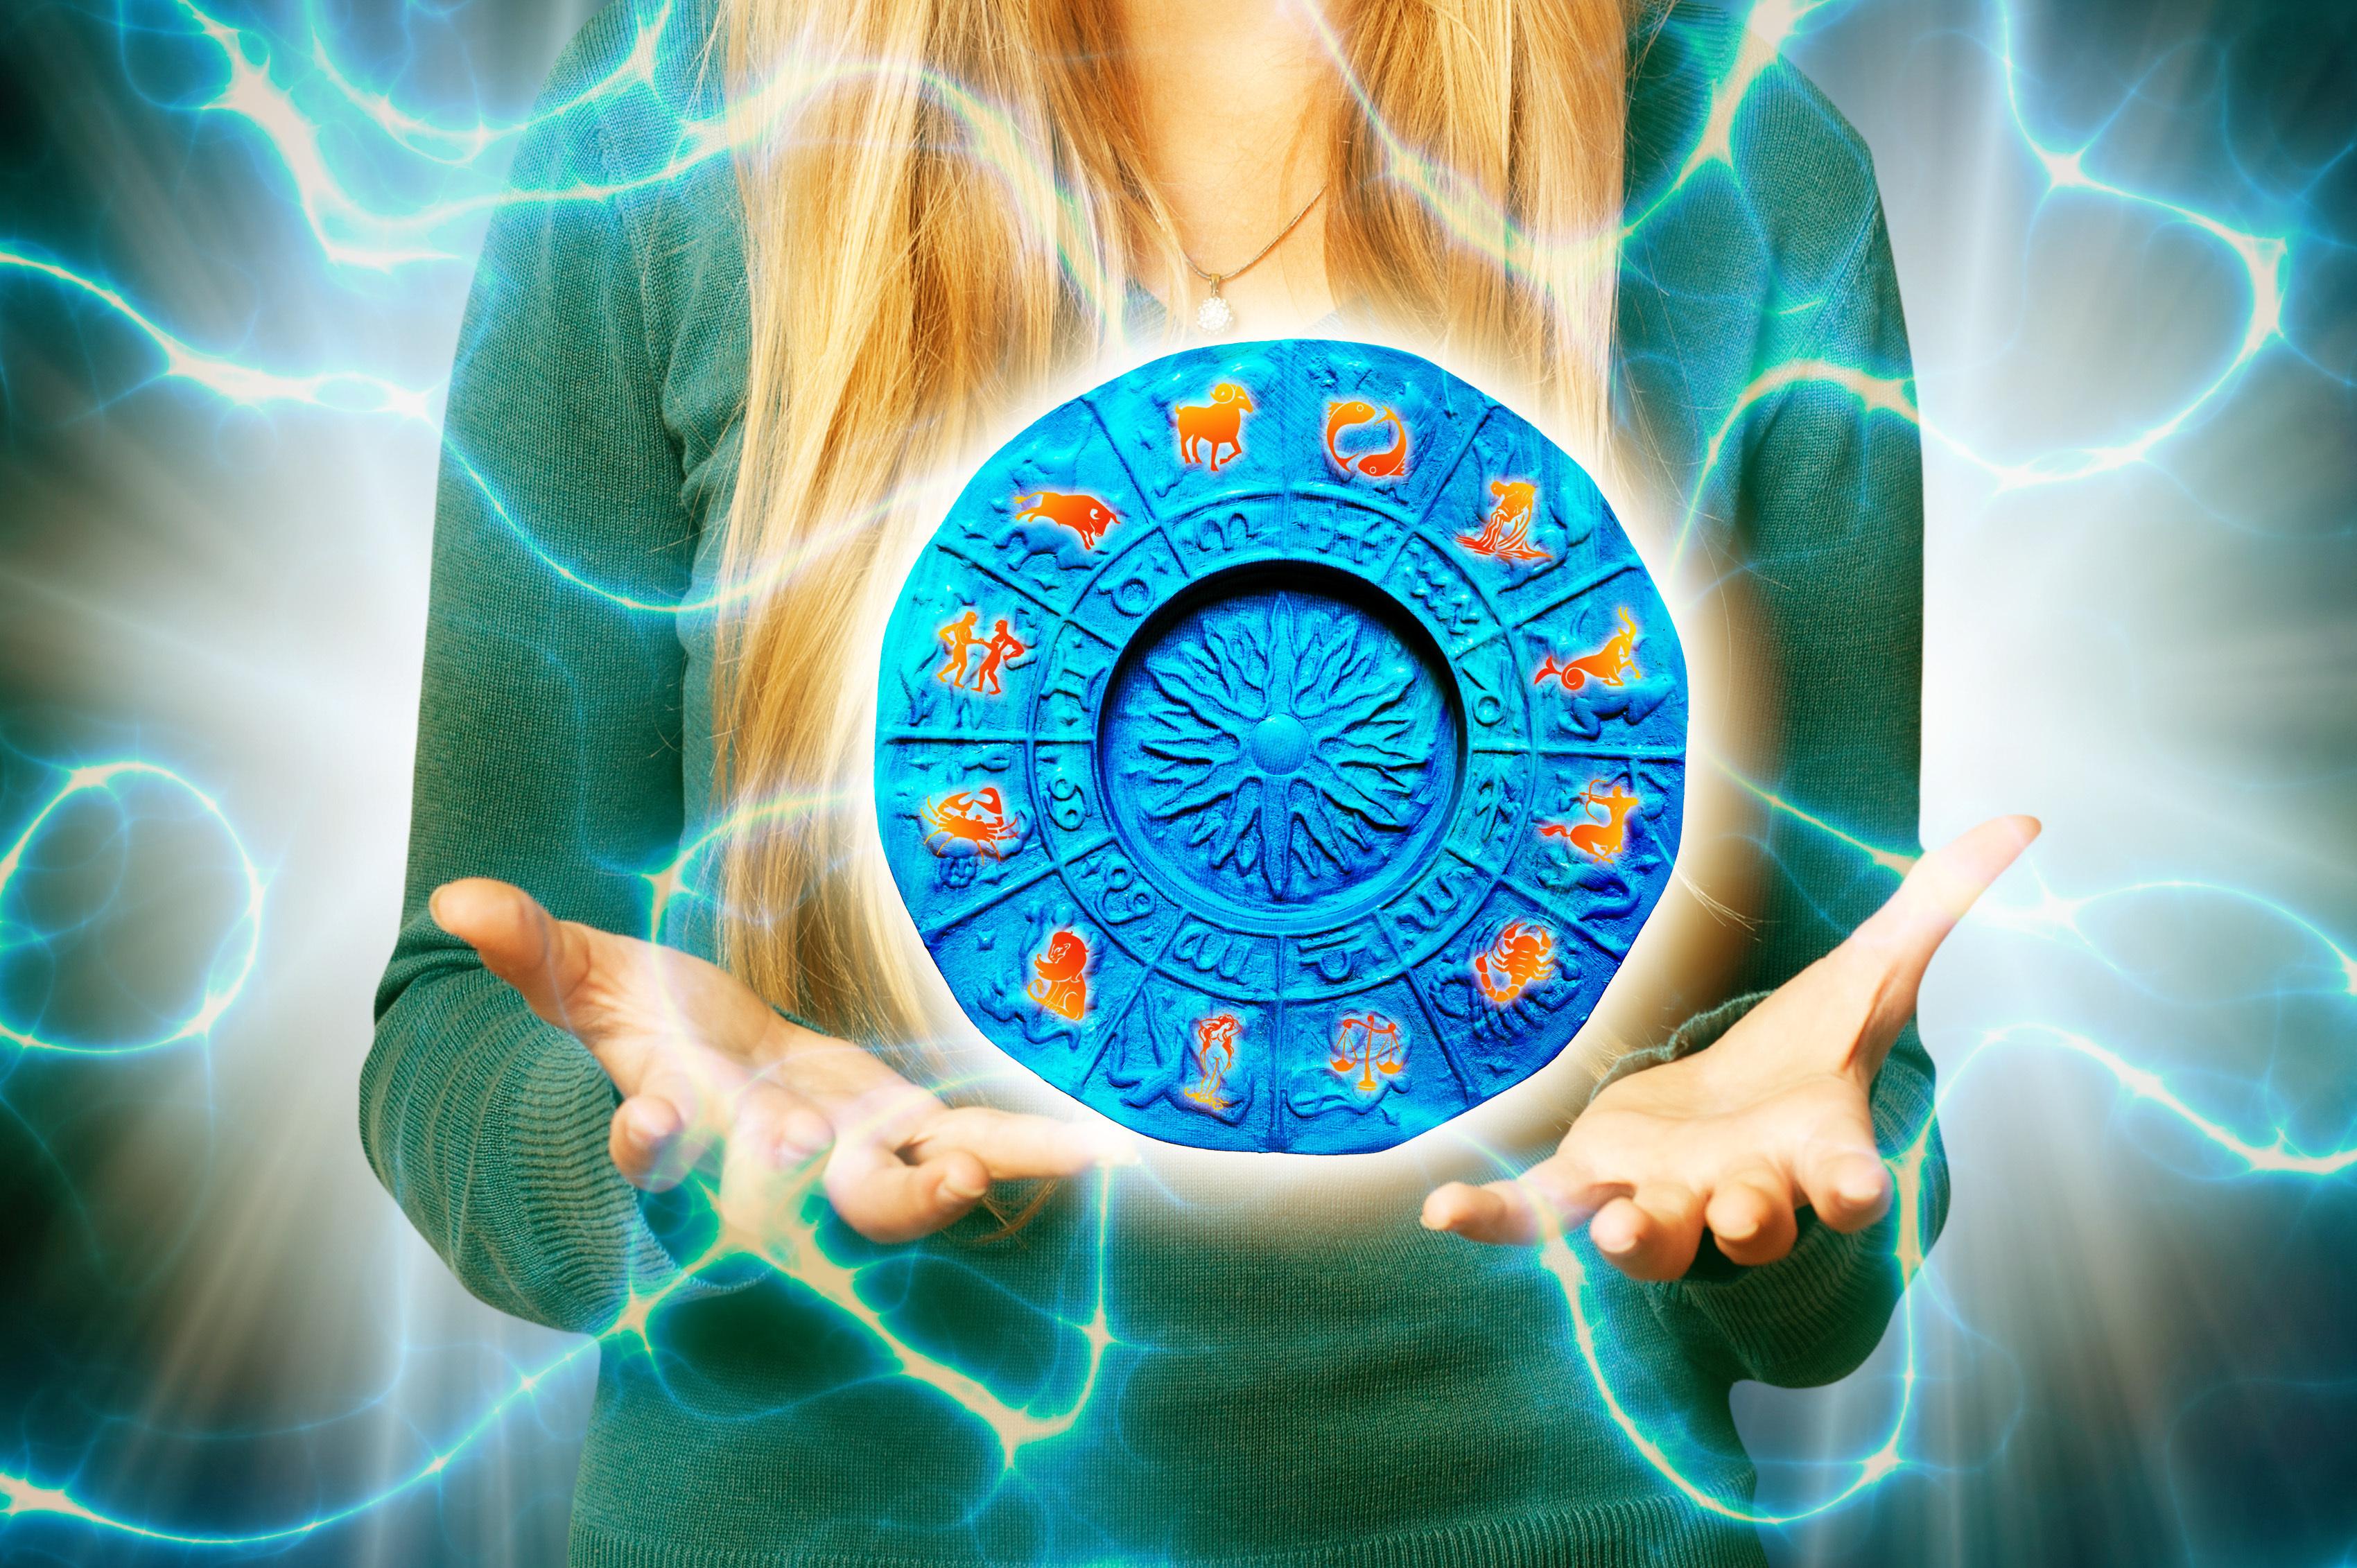 Астролог картинки фото